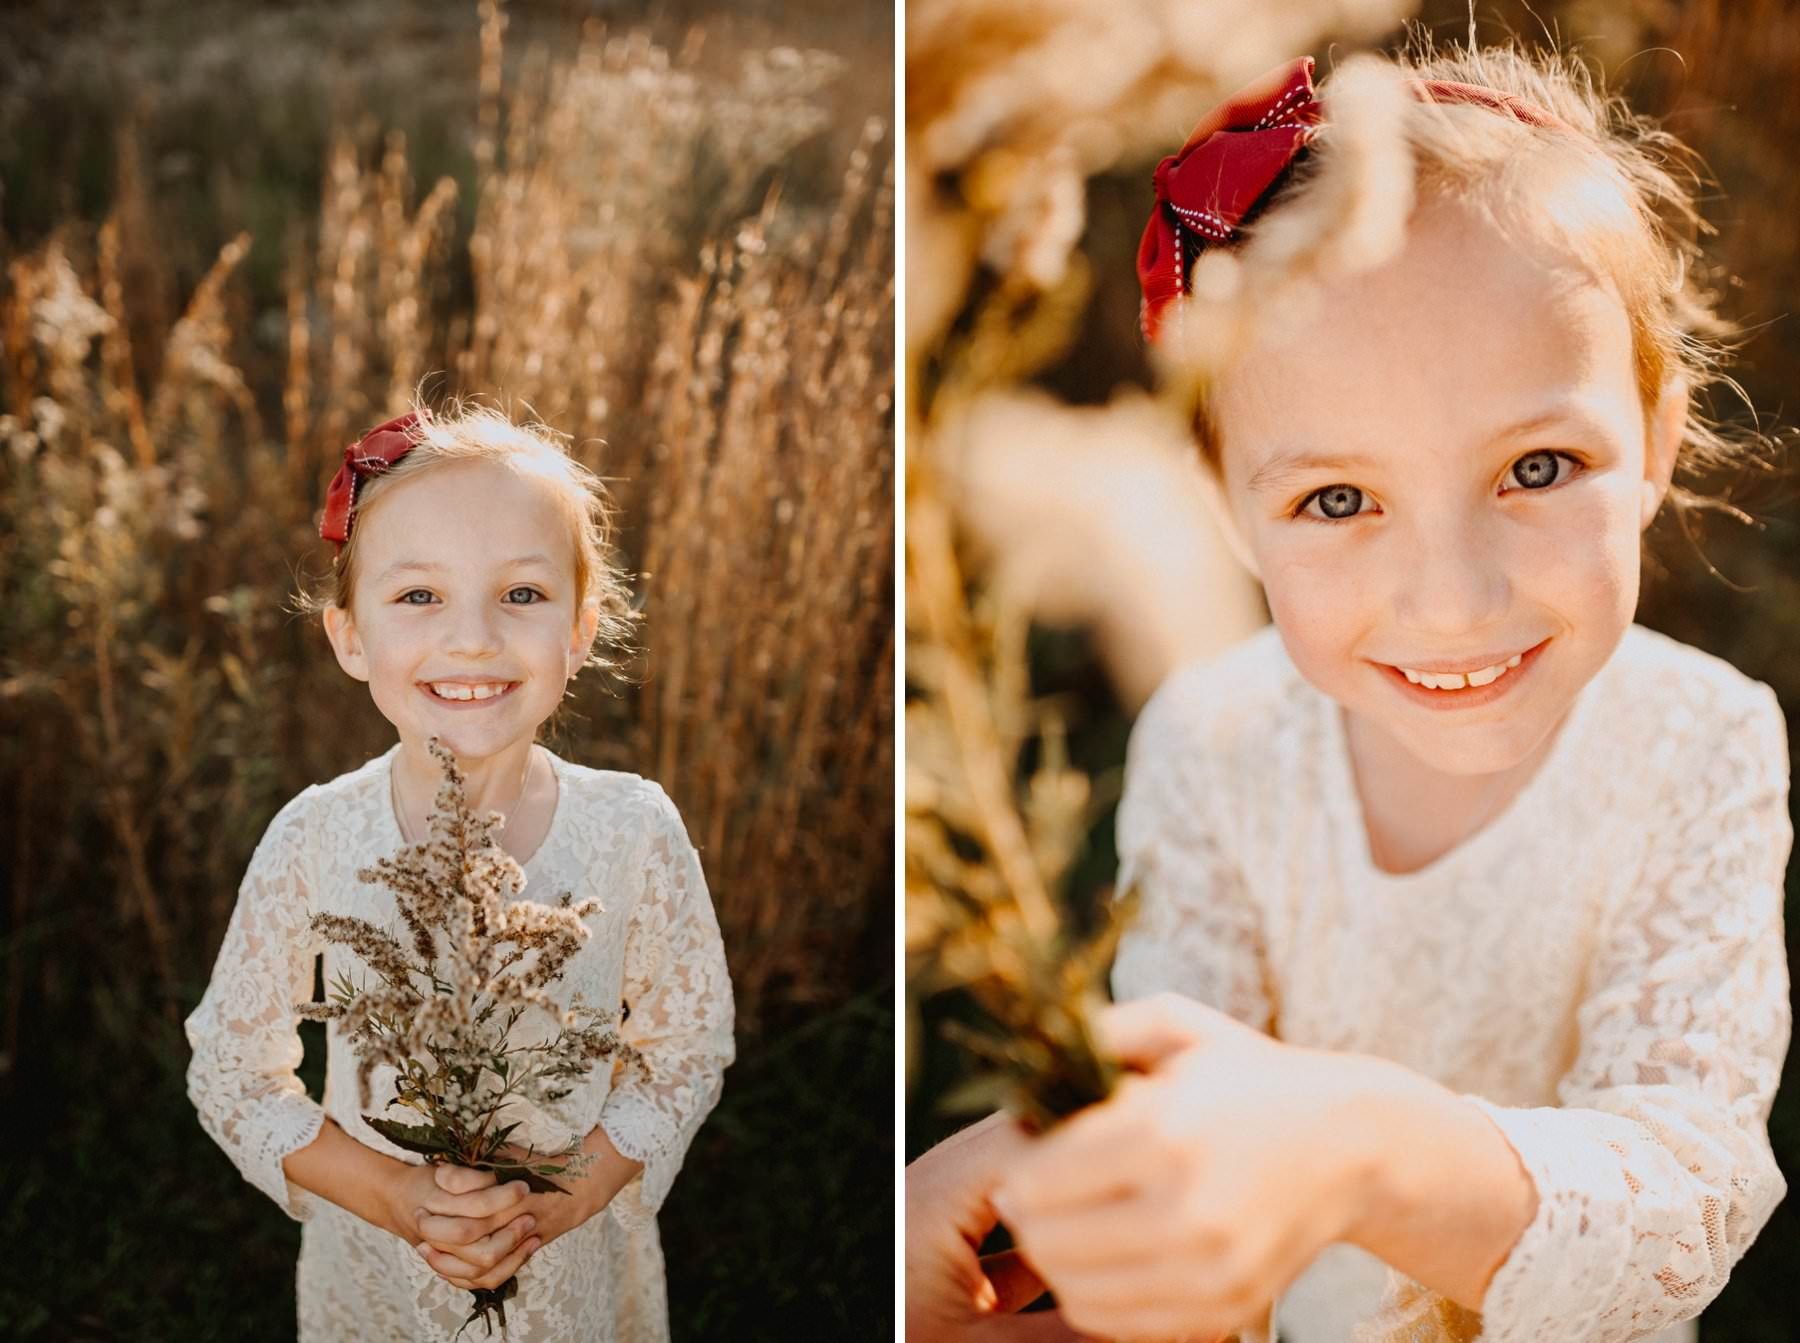 Delaware-family-photographer-29.jpg